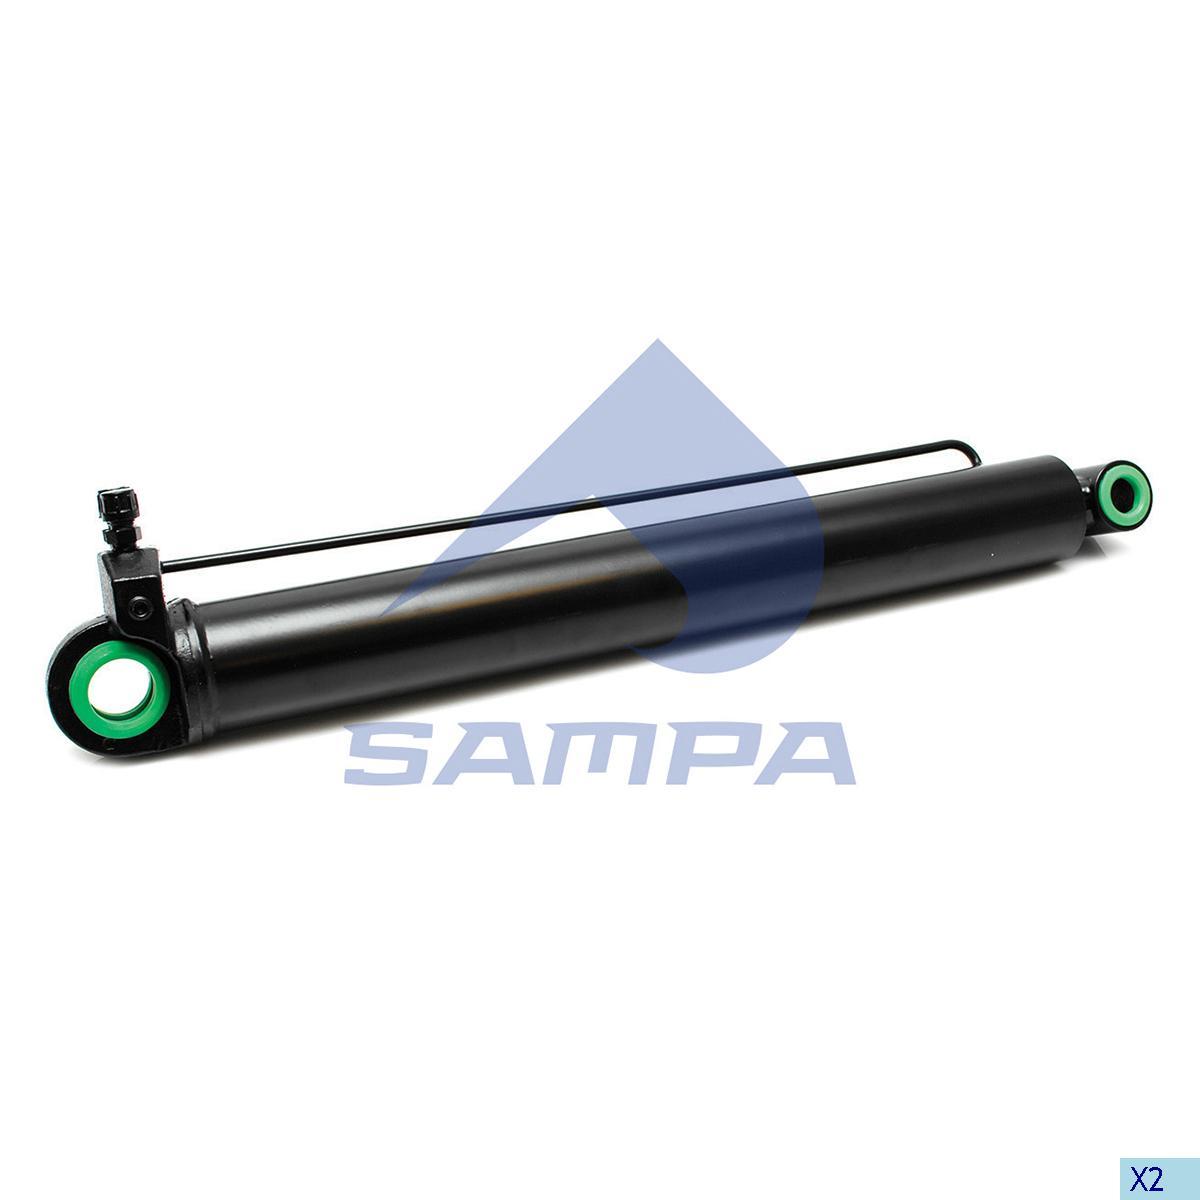 Cylinder, Cab Tilt, Iveco, Cab